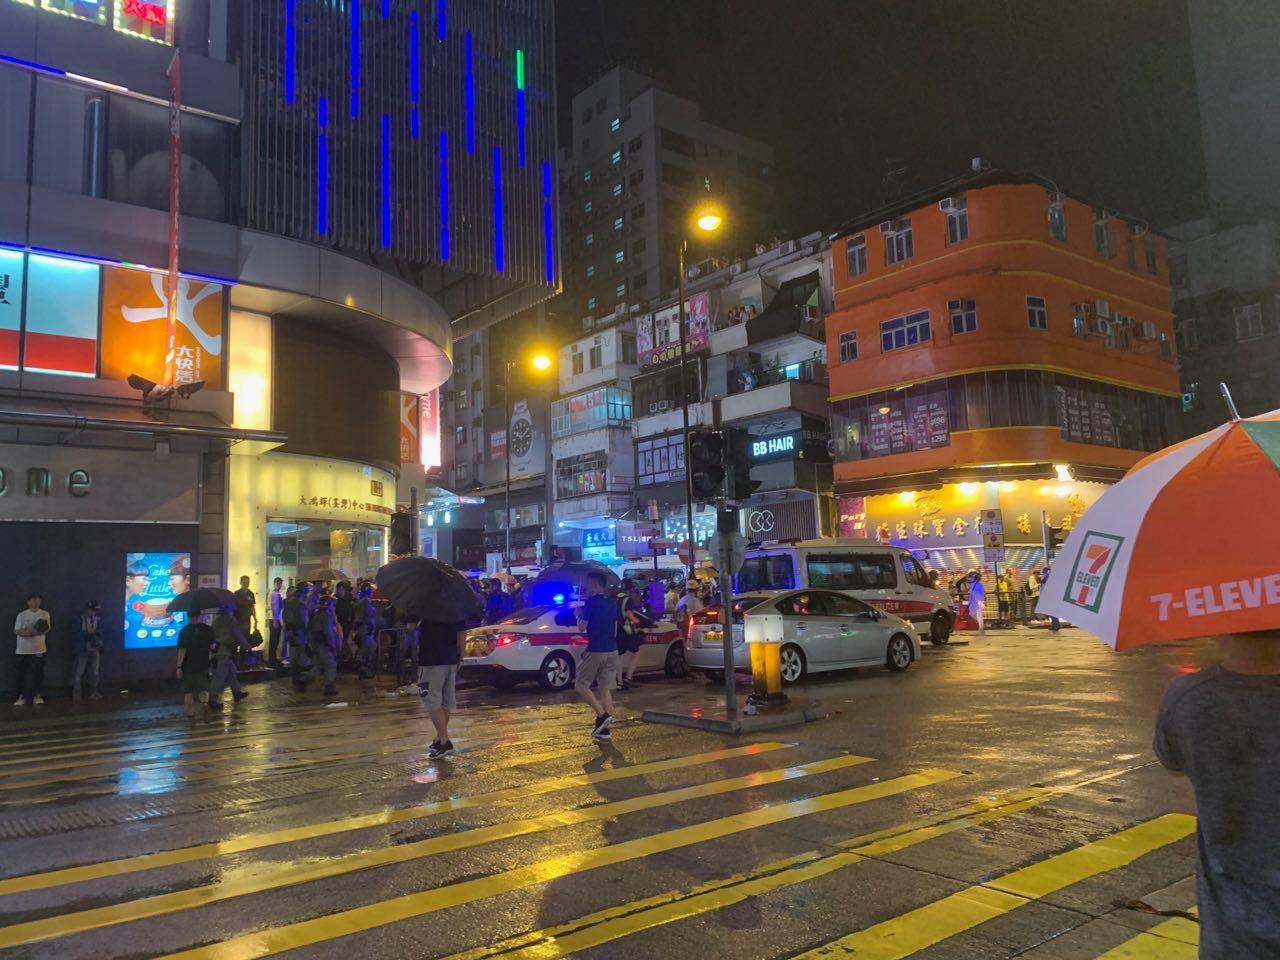 2019年8月25日,在荃灣沙咀道, 有速龍小隊跟市民再度發生衝突,來了大量警車(駱亞/大紀元)